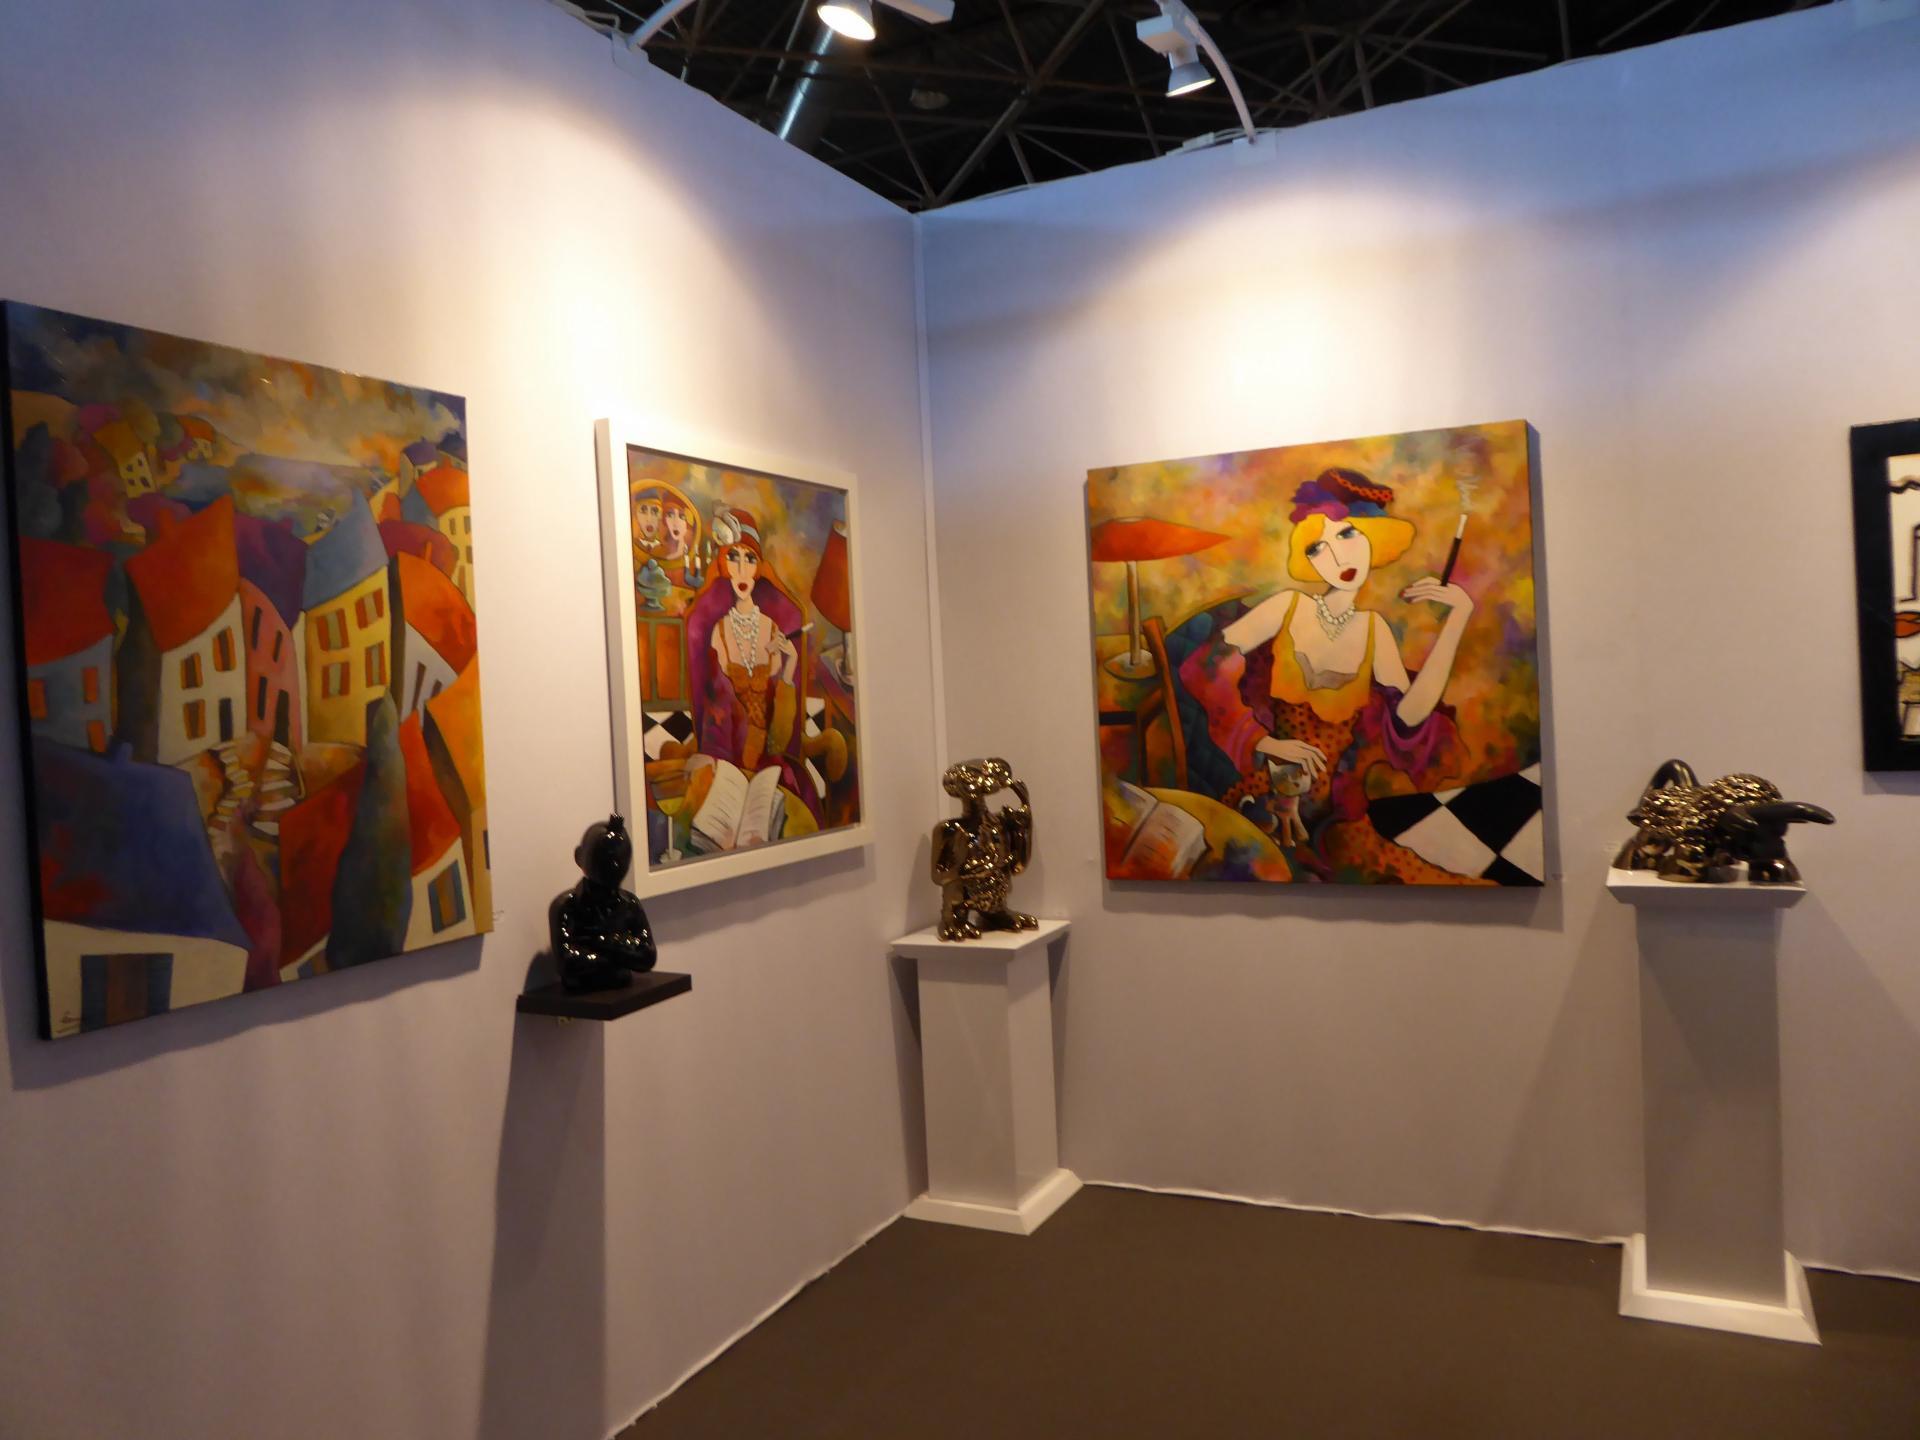 Galerie dez a roanne copie